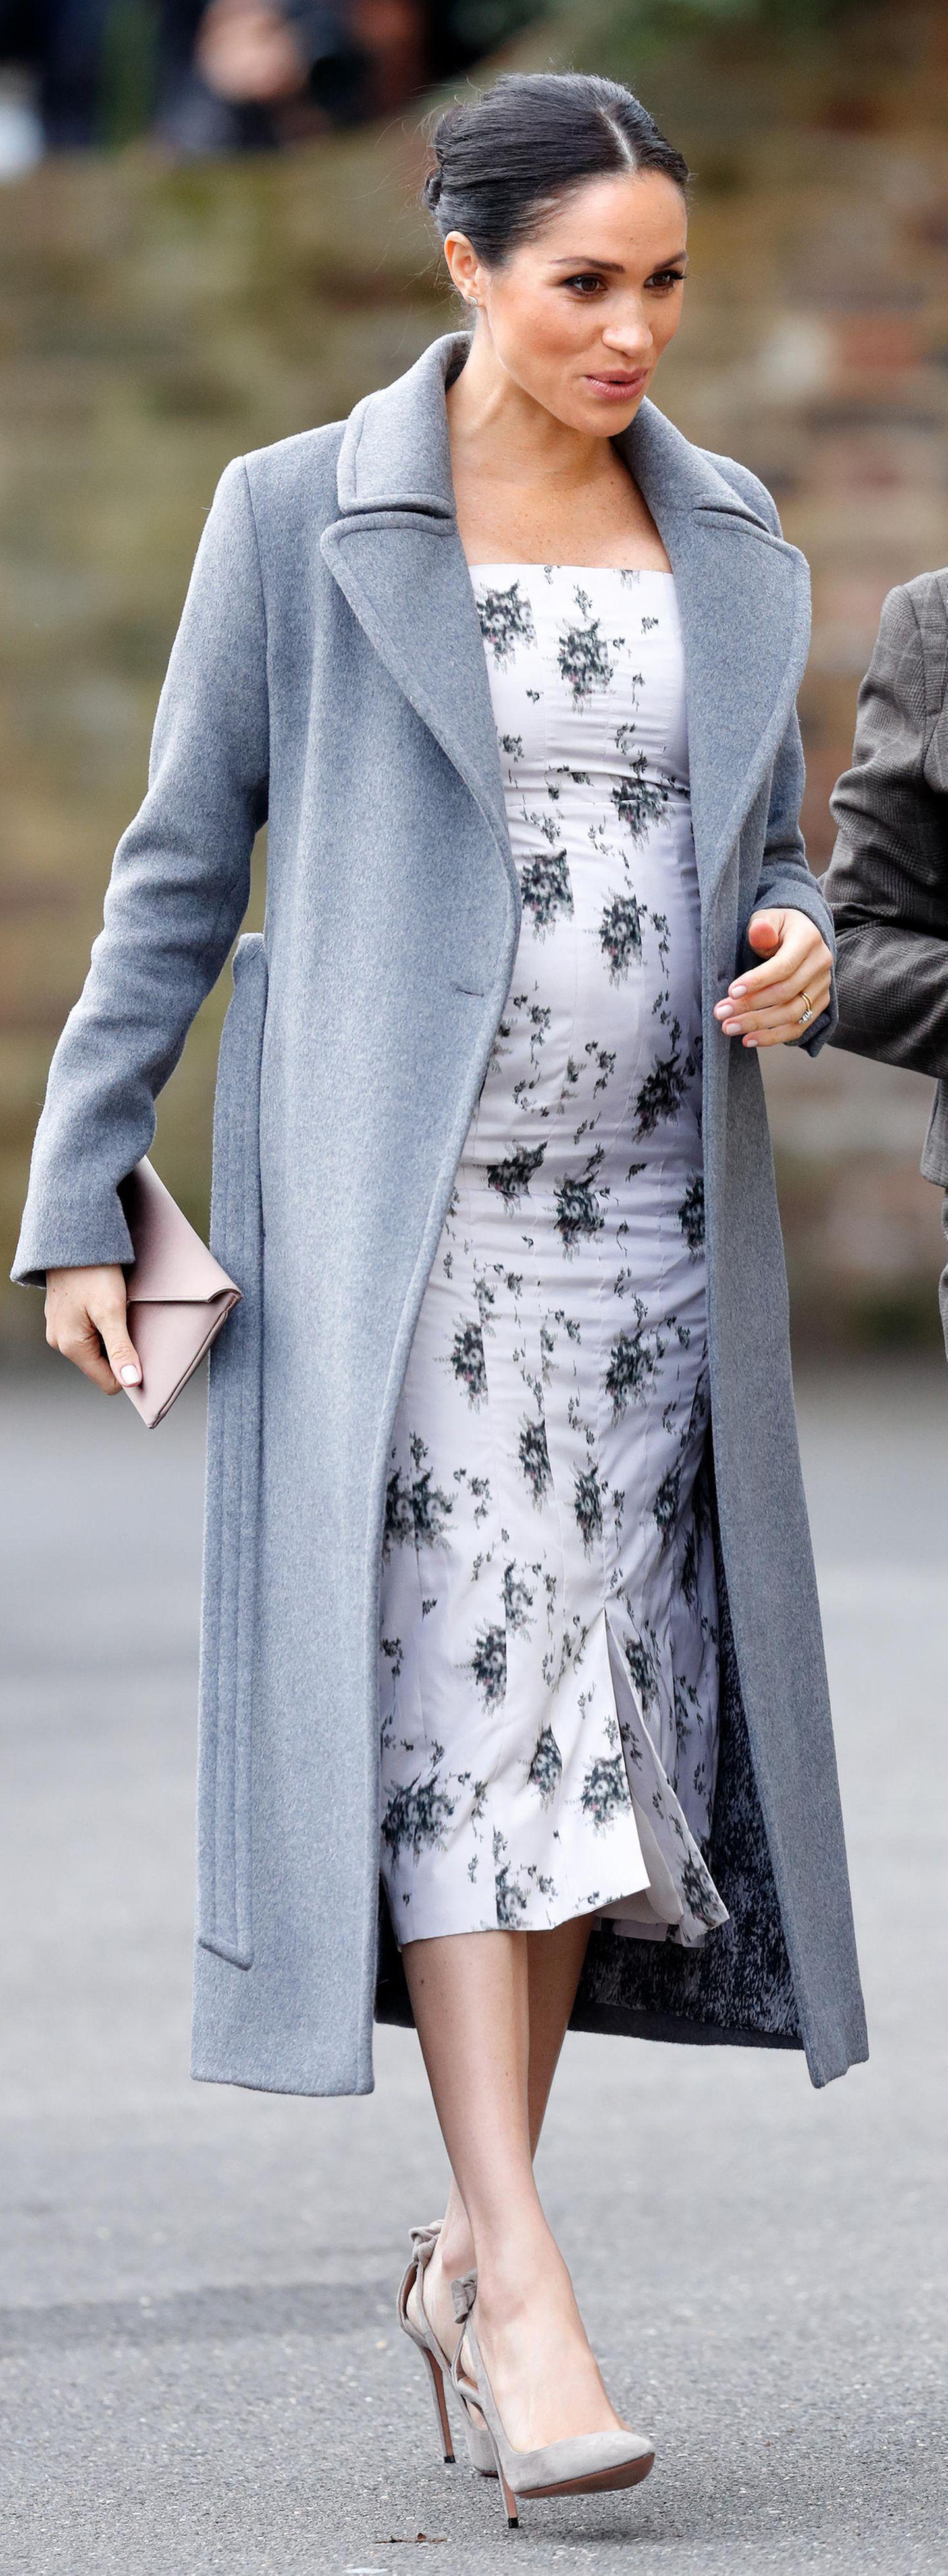 Herzogin Meghan in einem grauen Mantel